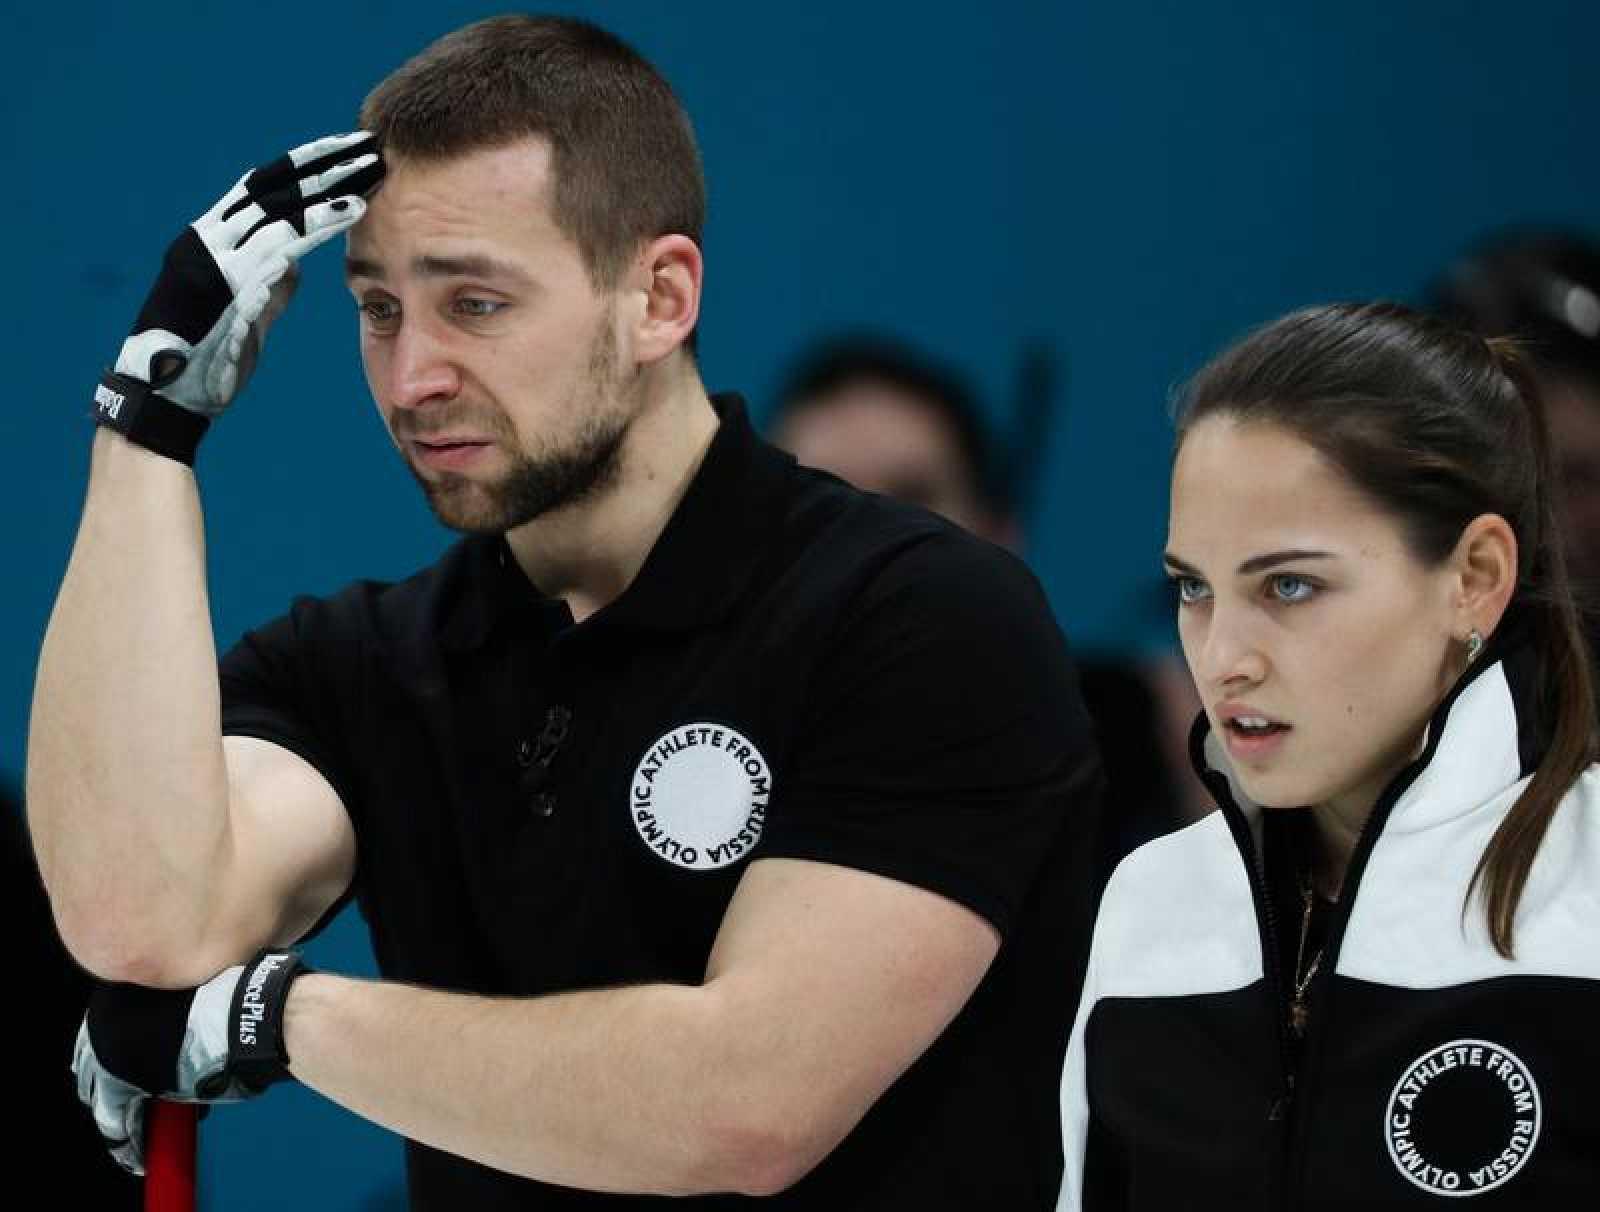 Imagen del matrimonio ruso Anastasia Bryzgalova y Alexander Krushelnitskiy durante los JJ.OO. de PyeongChang 2018.